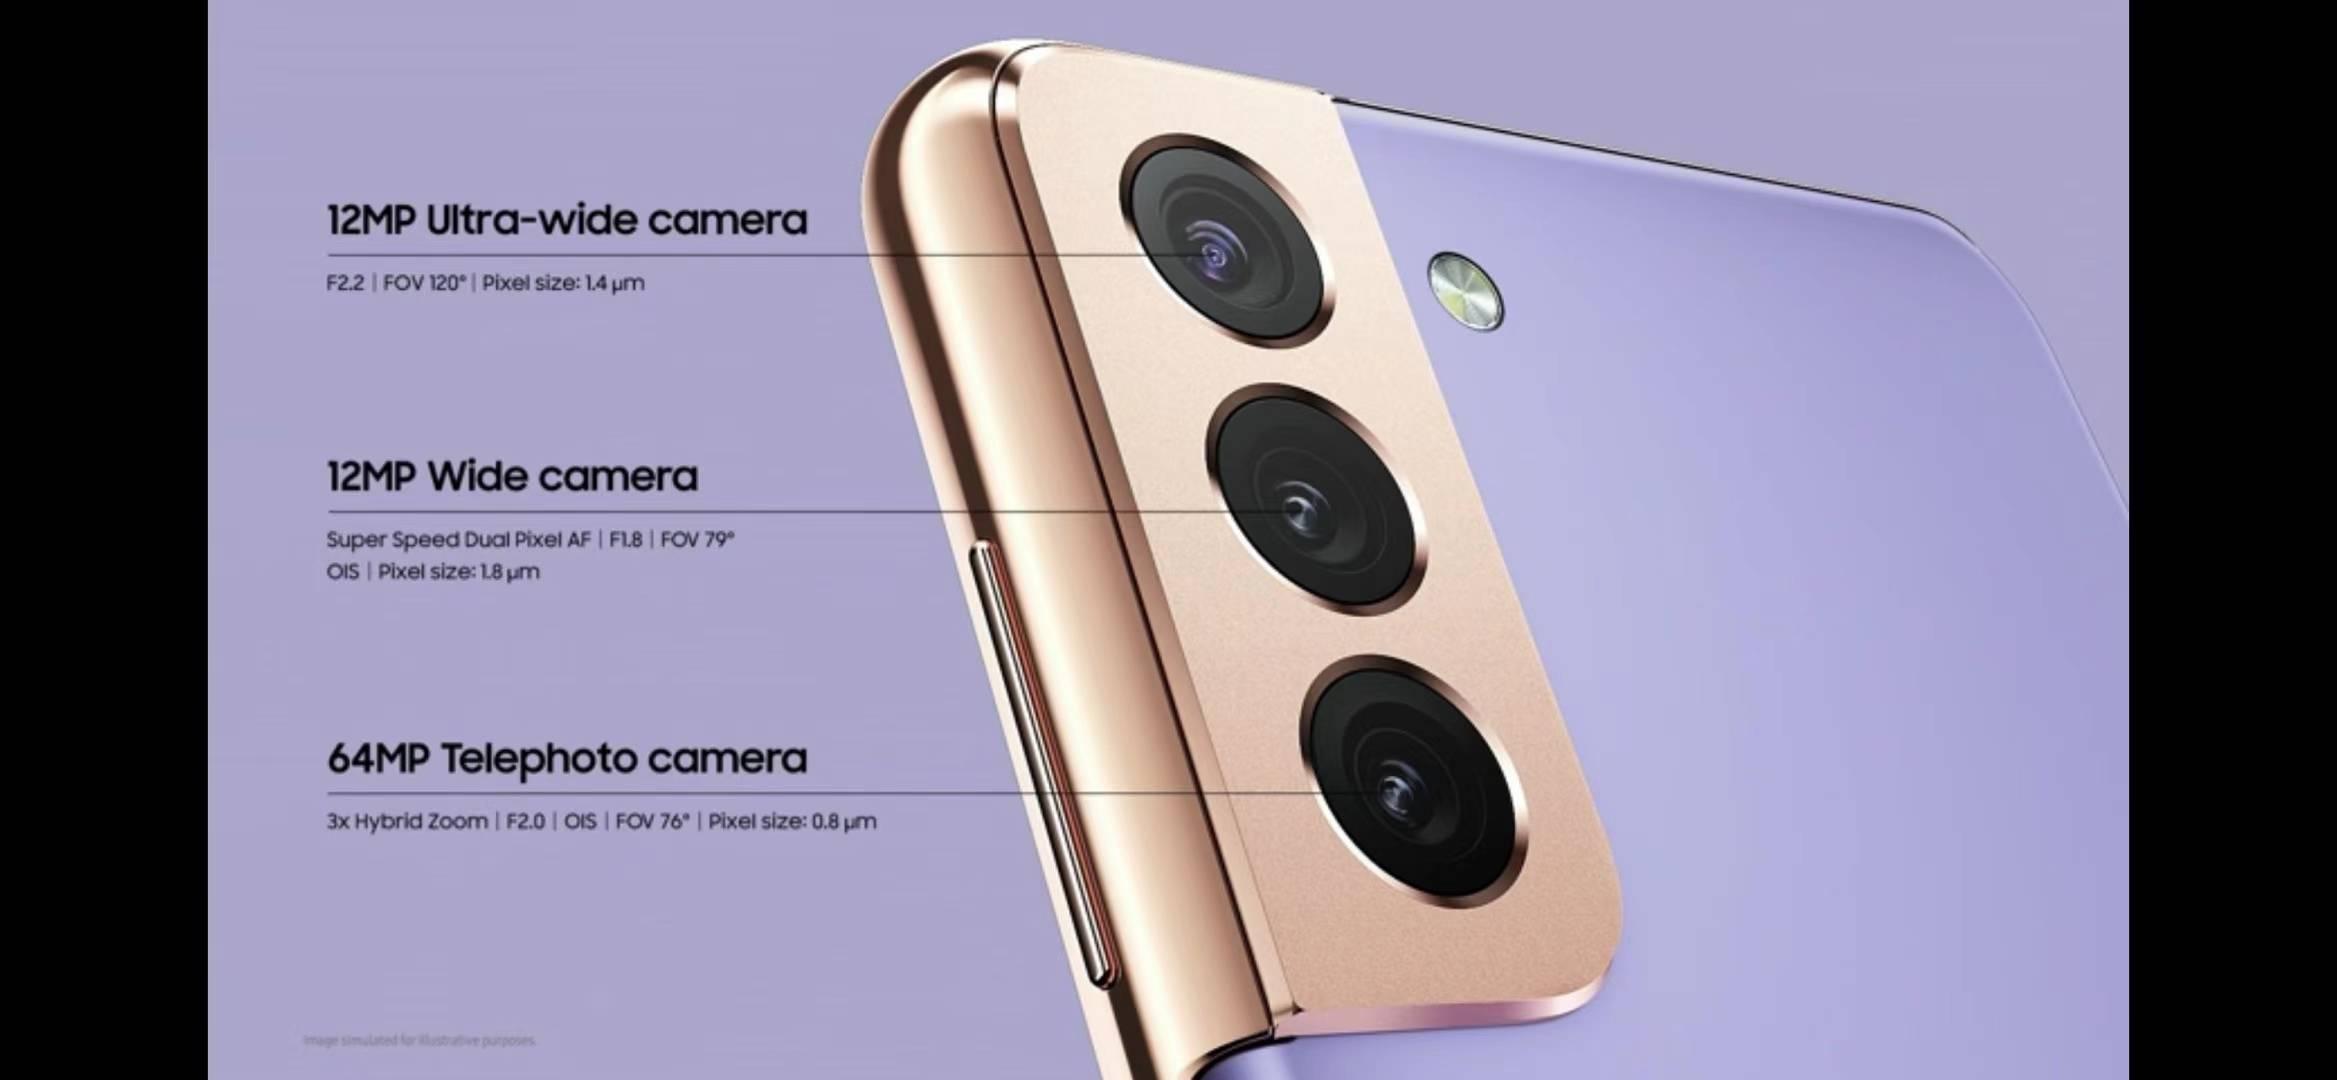 三星Galaxy S21系列正式发布:强化手机影像,海外定价799美元起